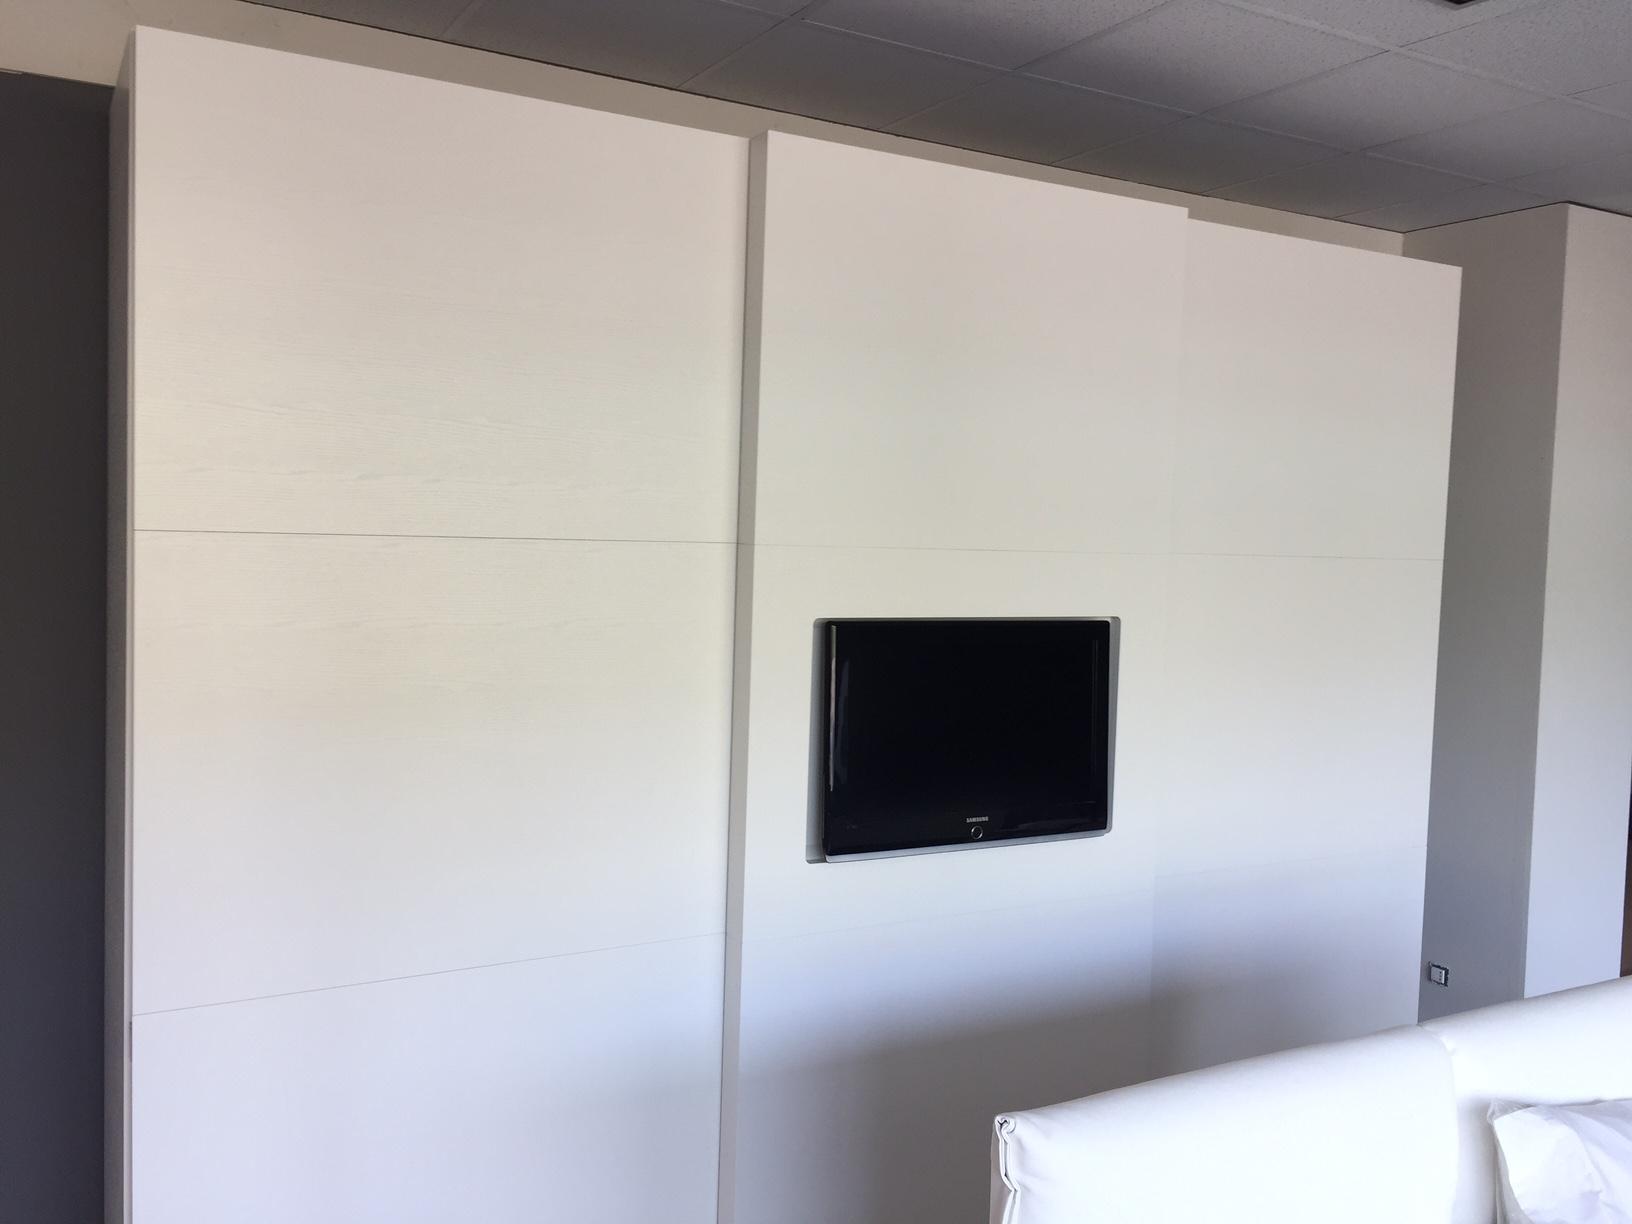 Armadio Con Tv : Armadio serenissima programma spazio design armadi a